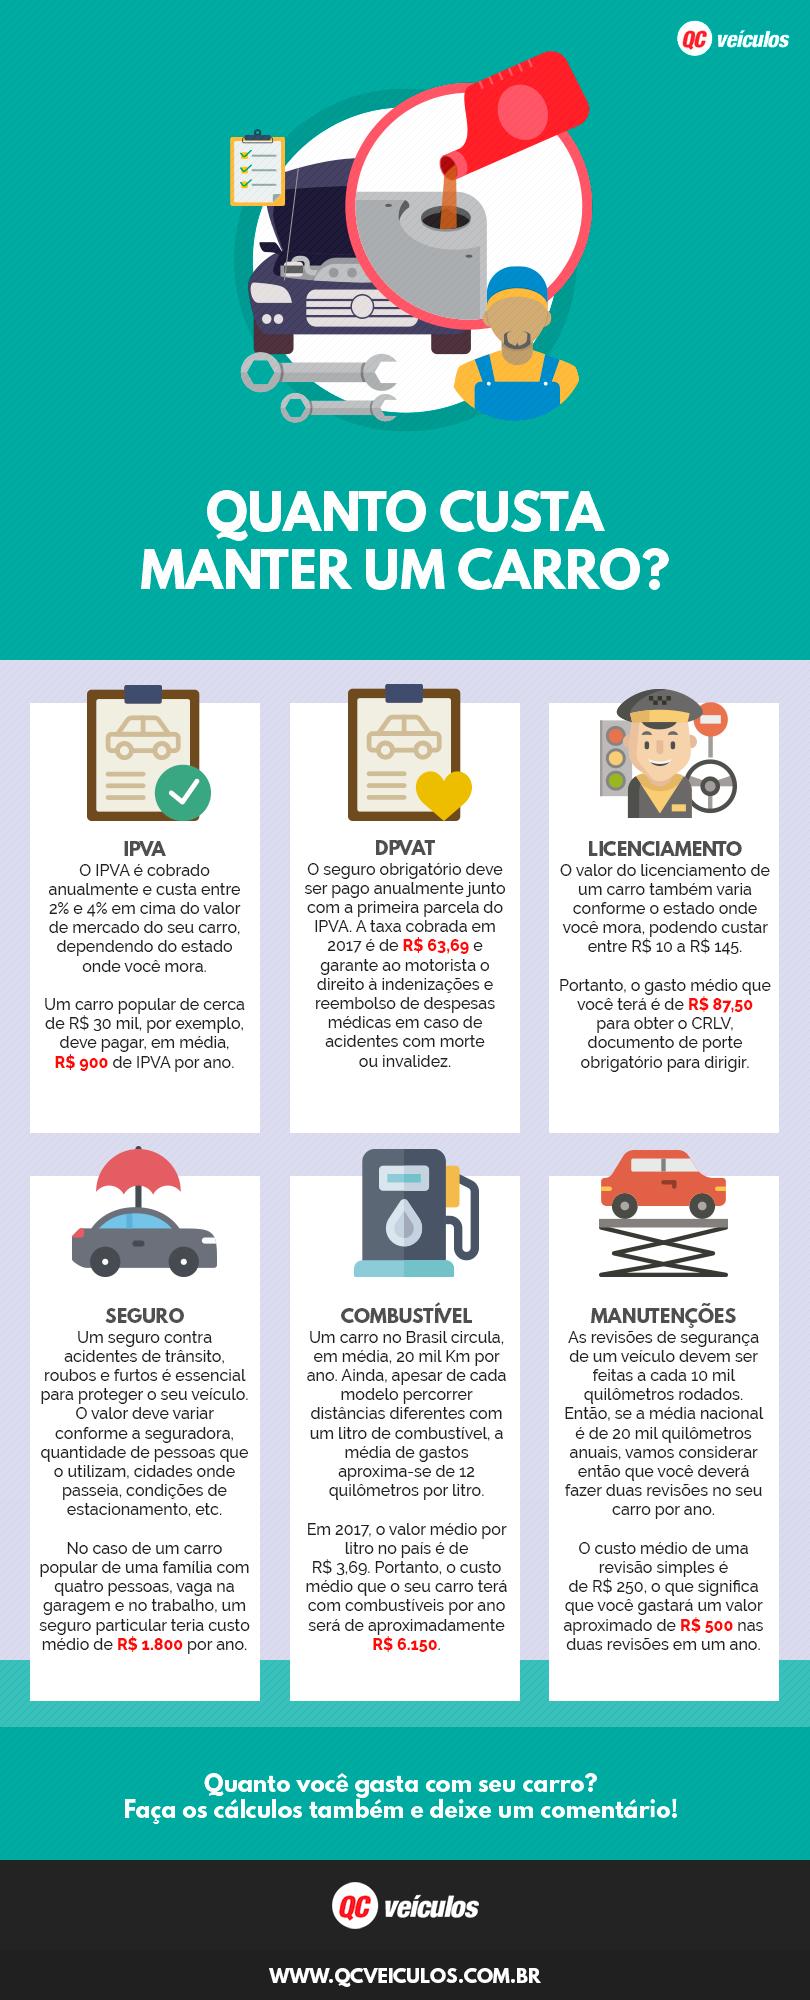 Gastos com carro: Infográfico com os principais gastos por ano